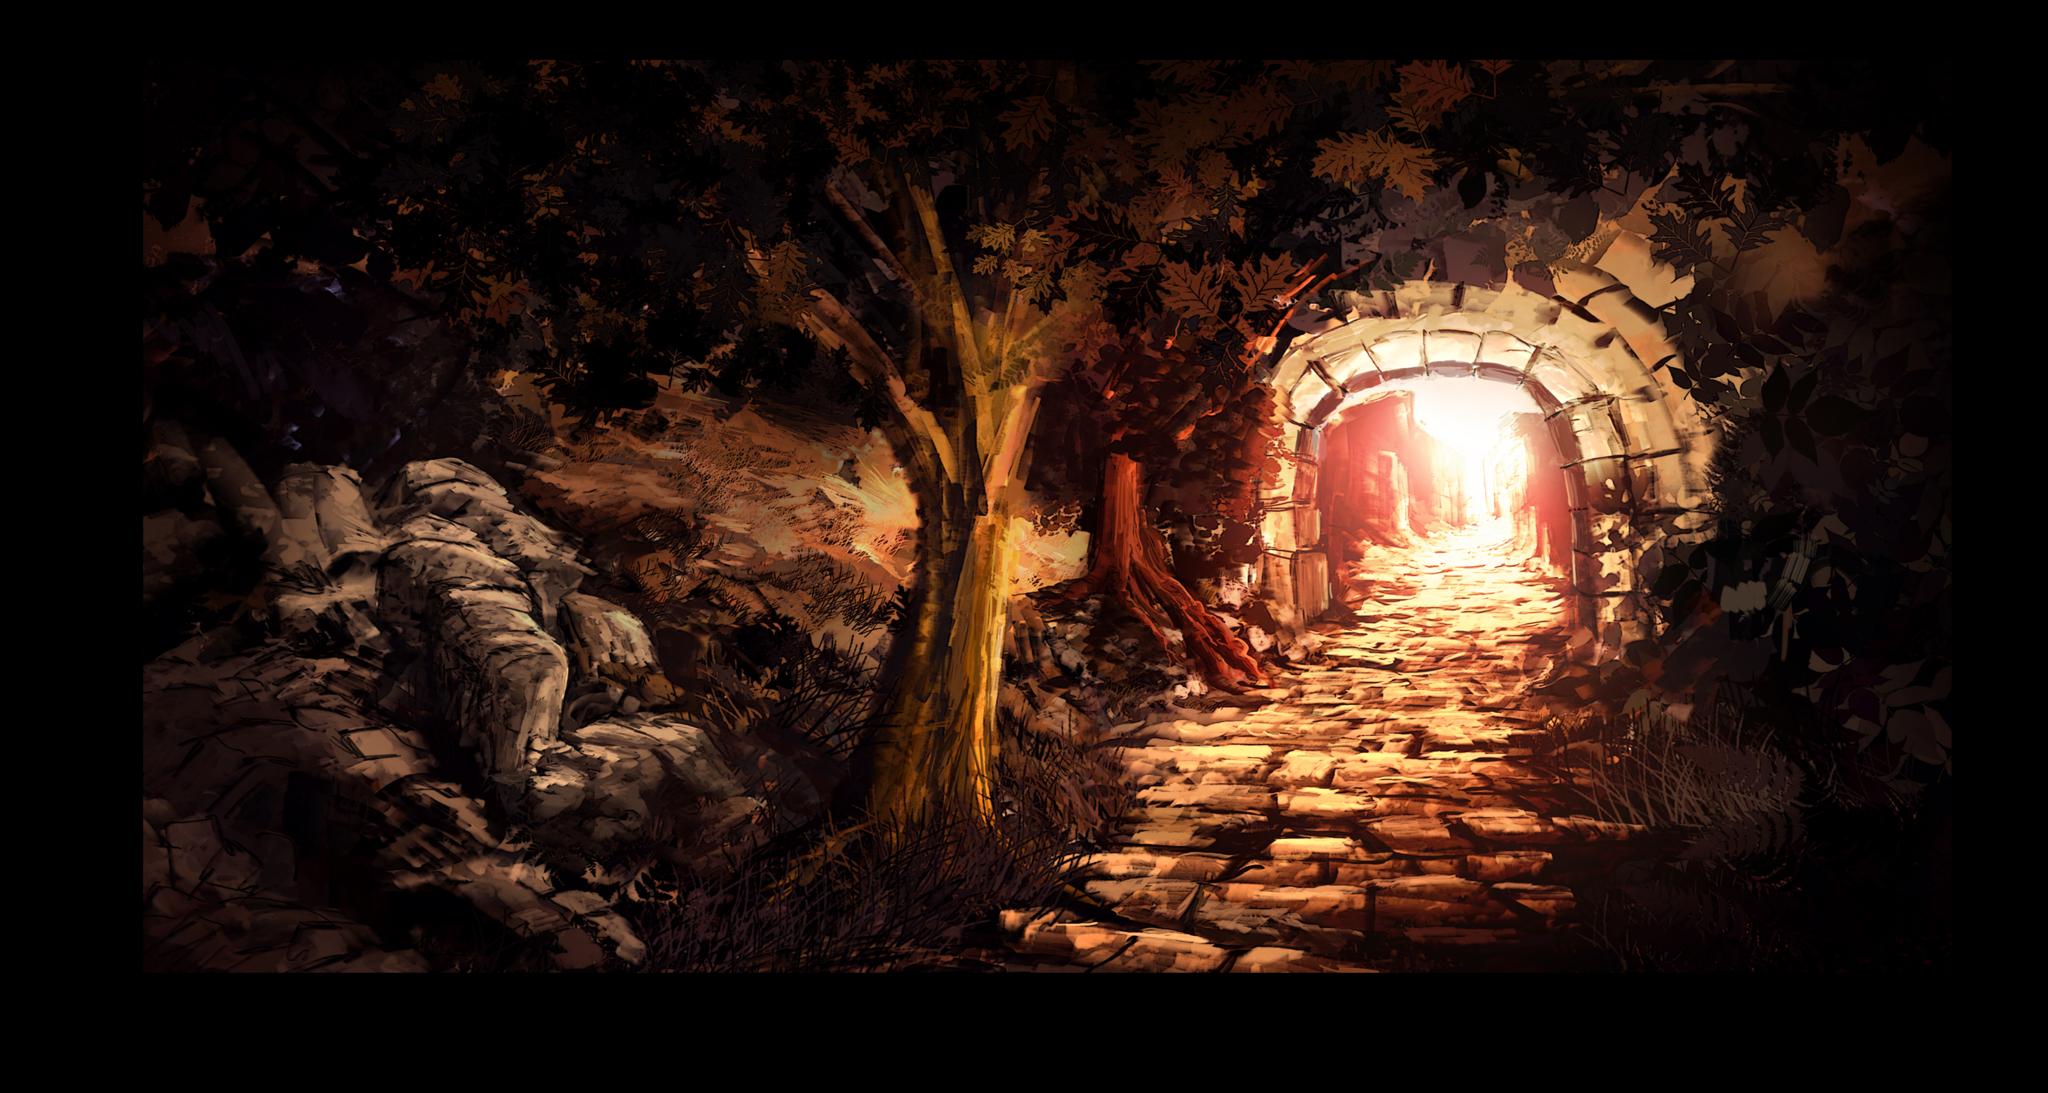 """Постеры Постер """"Таинственная арка"""" п226.png"""